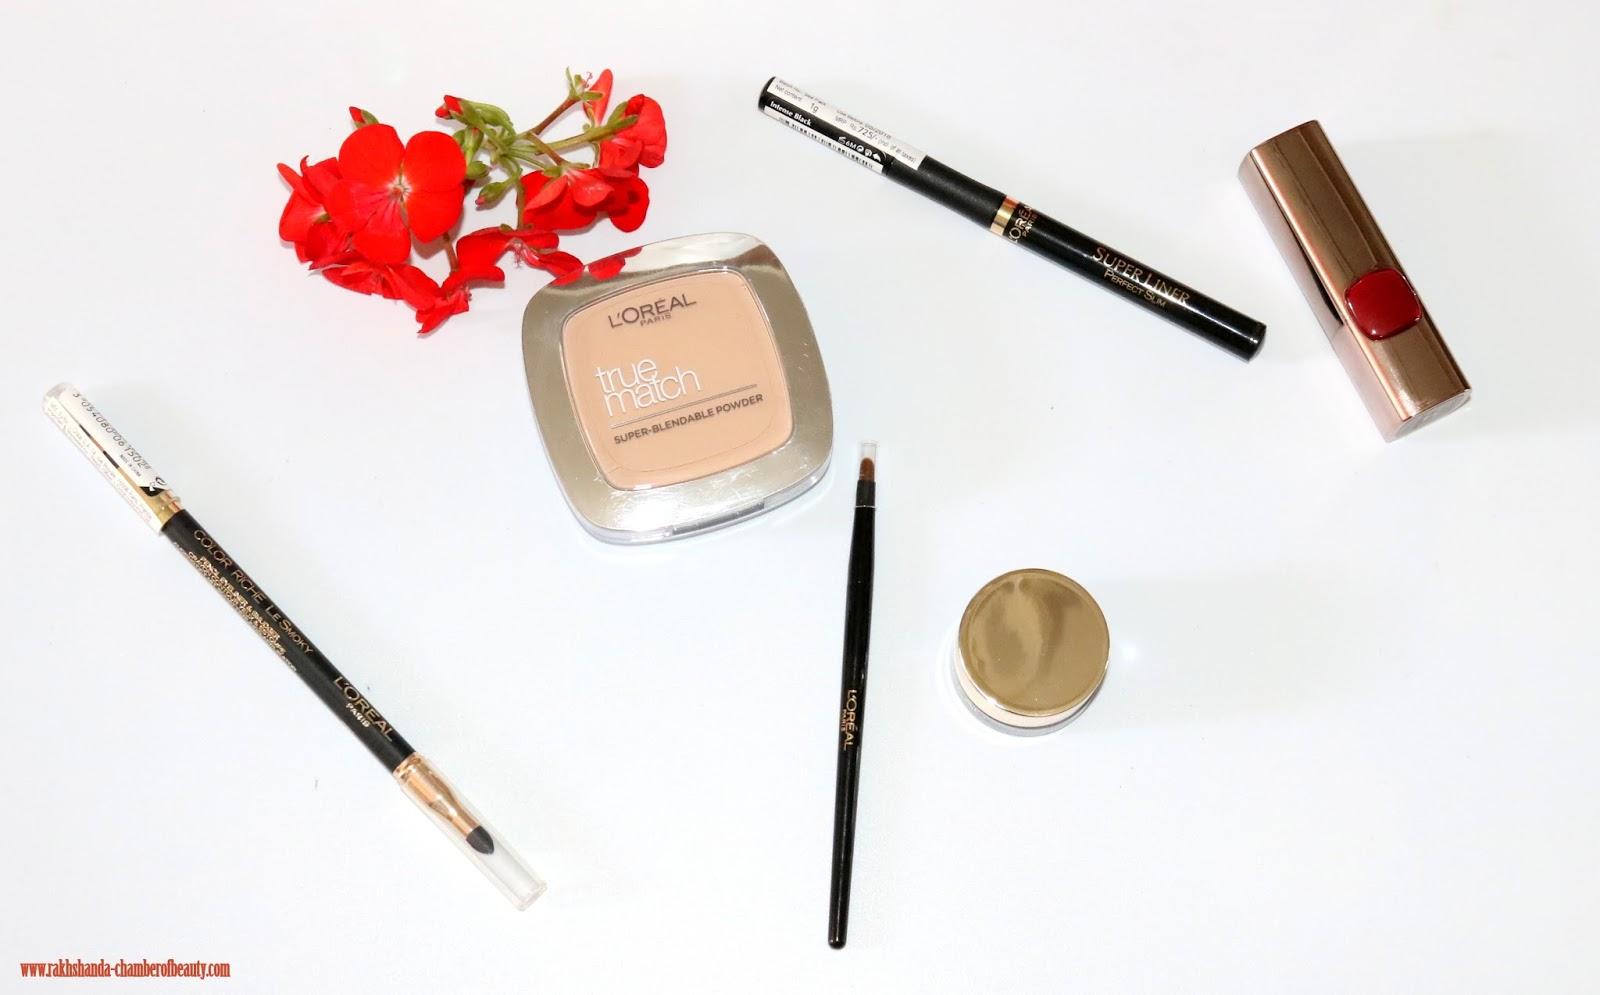 L'Oreal Paris Festive Fever Makeup Products